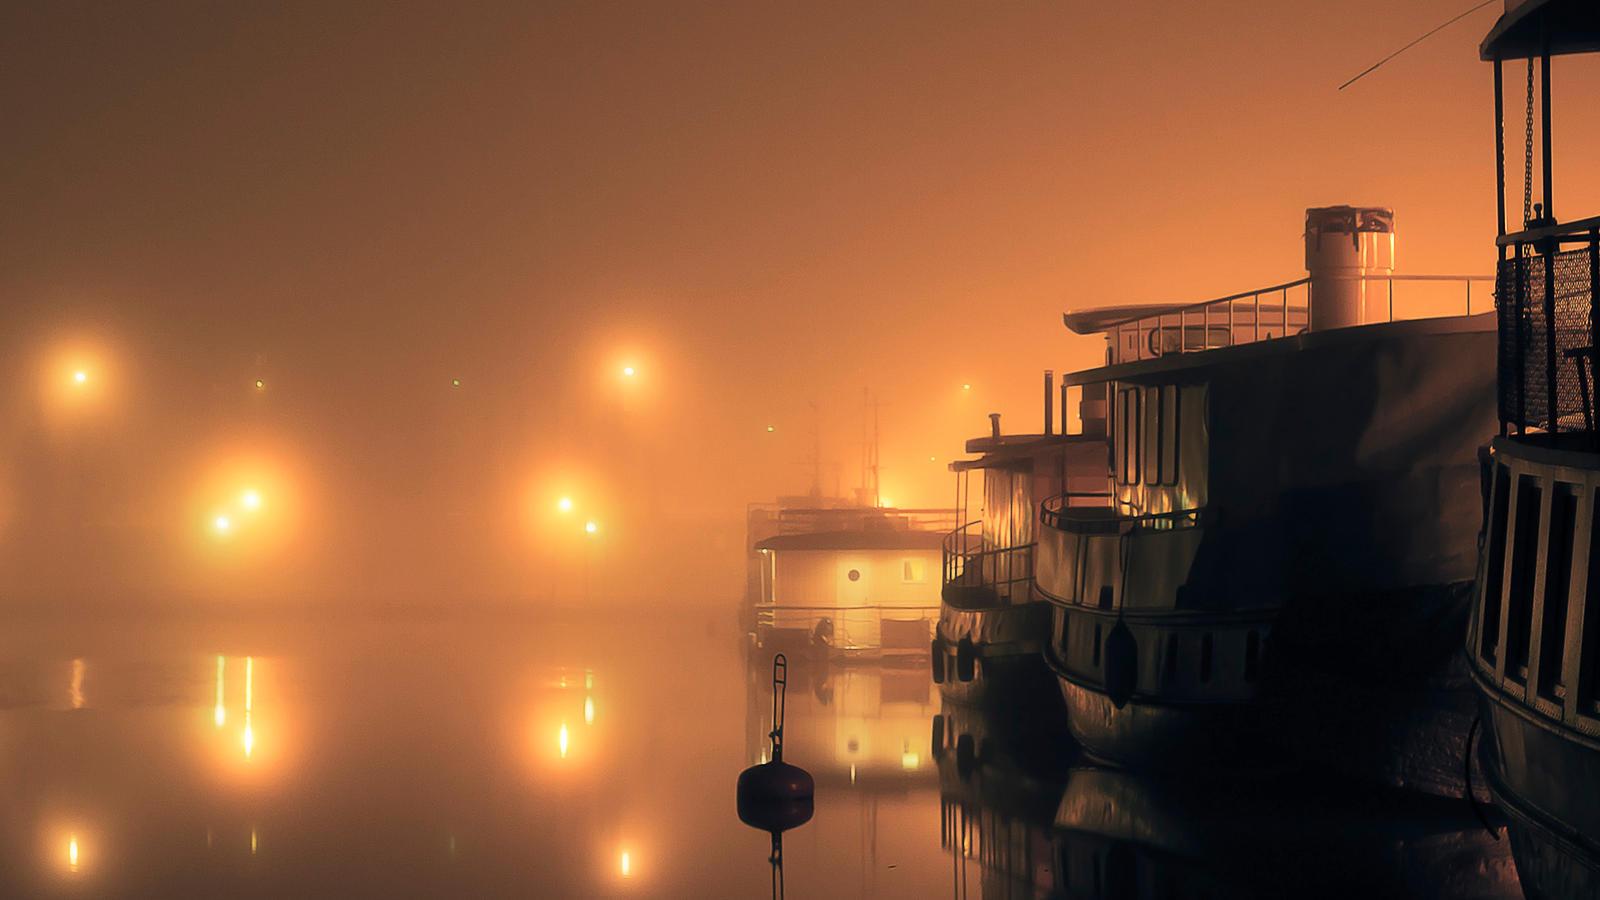 Harbor by Smattila